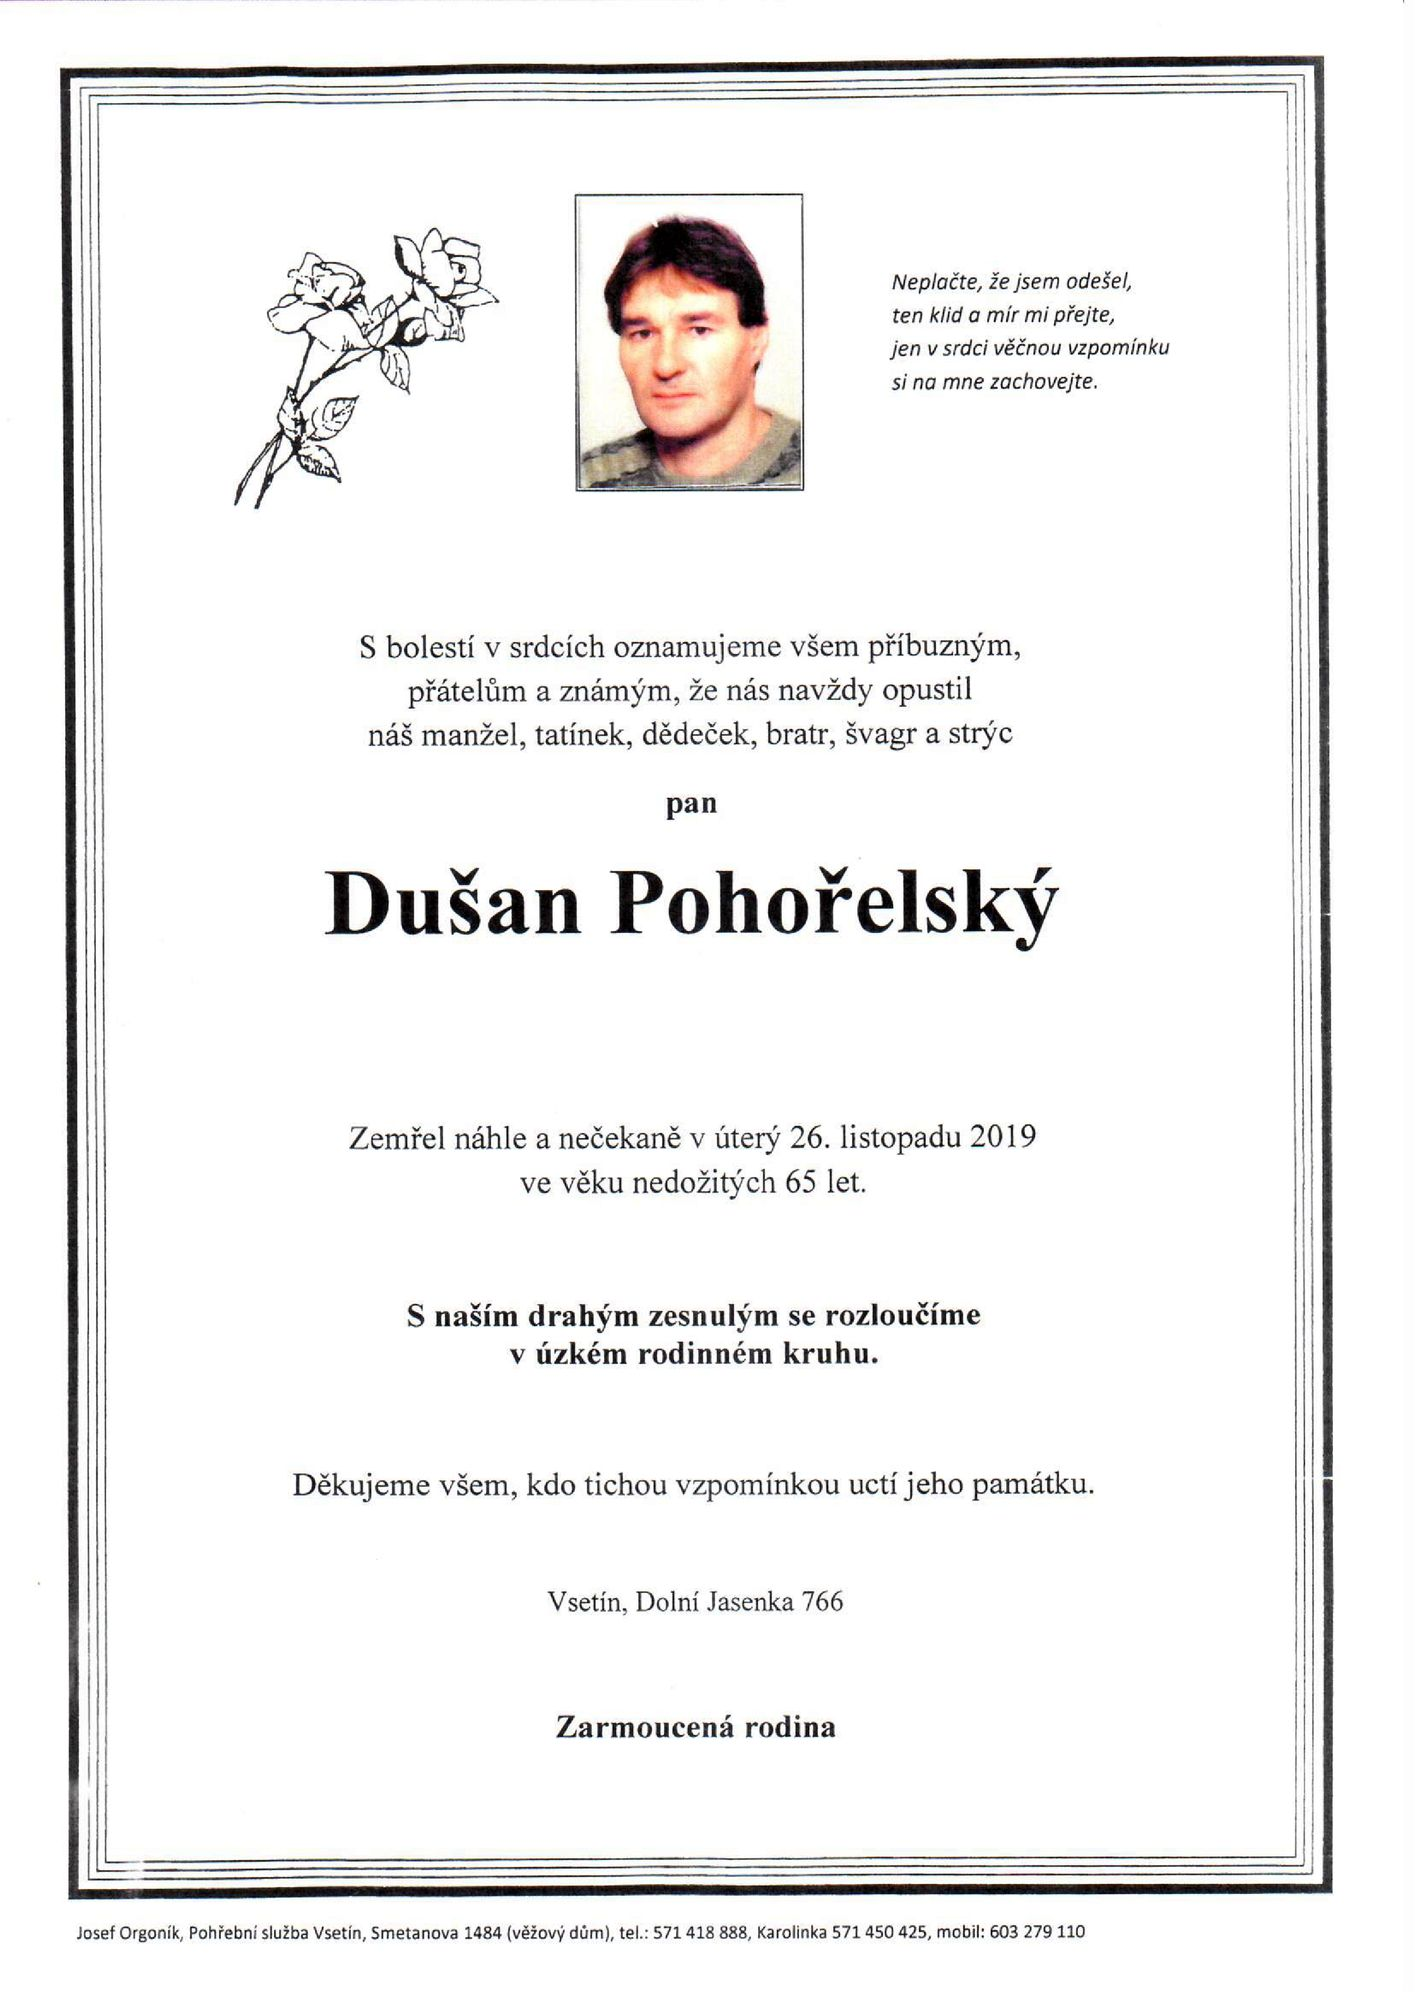 Dušan Pohořelský